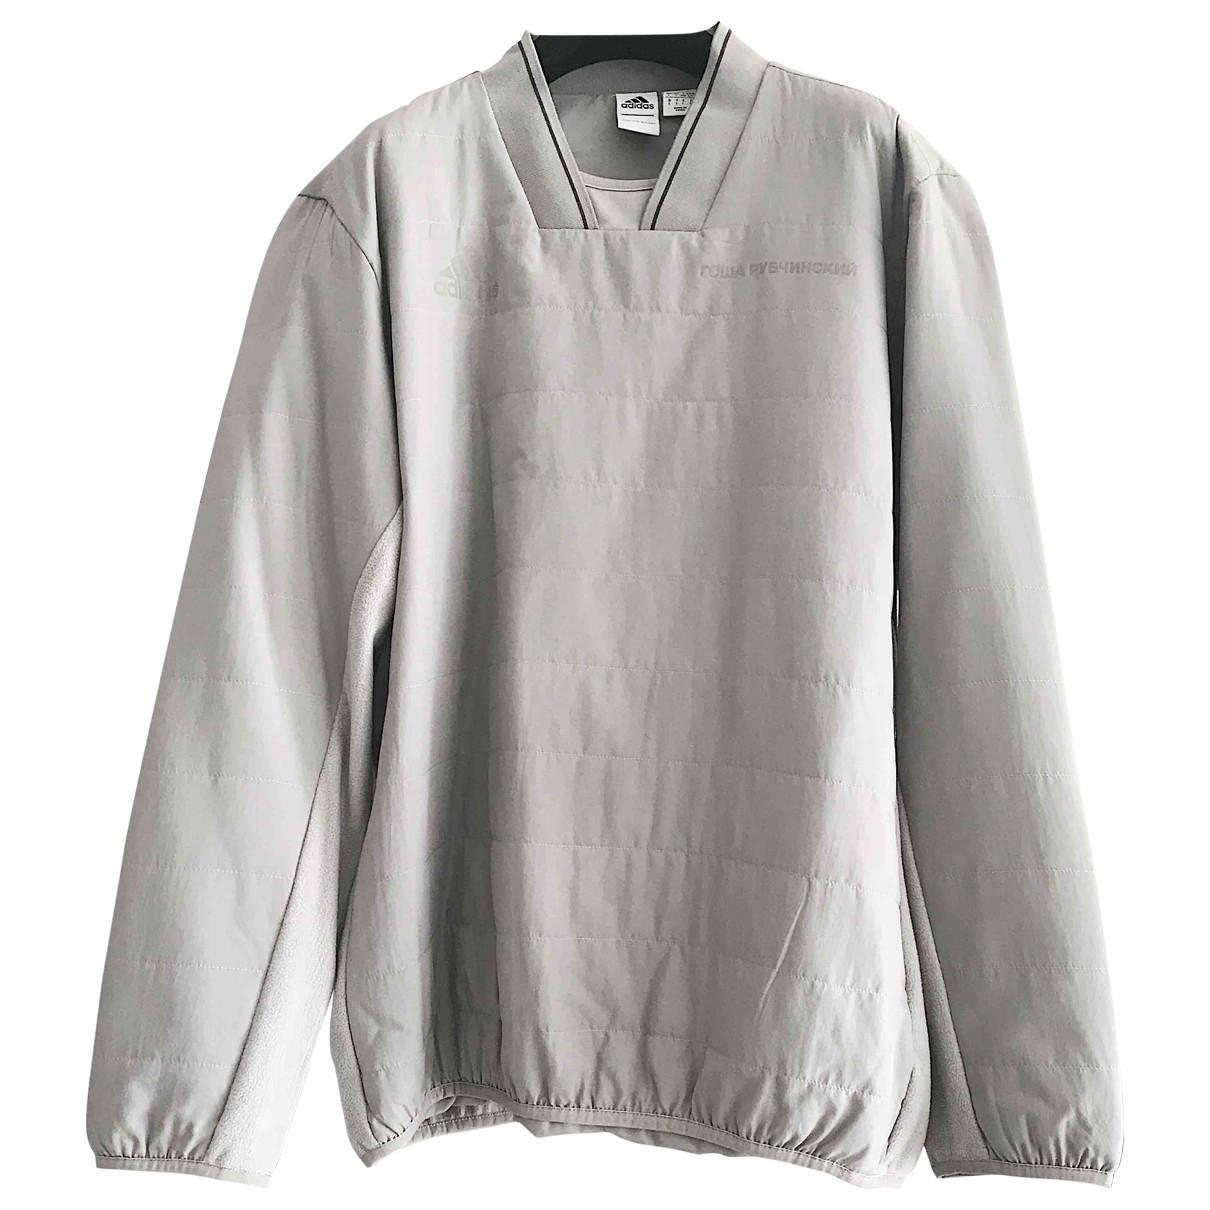 Adidas X Gosha Rubchinskiy N Grey Knitwear & Sweatshirts for Men L International